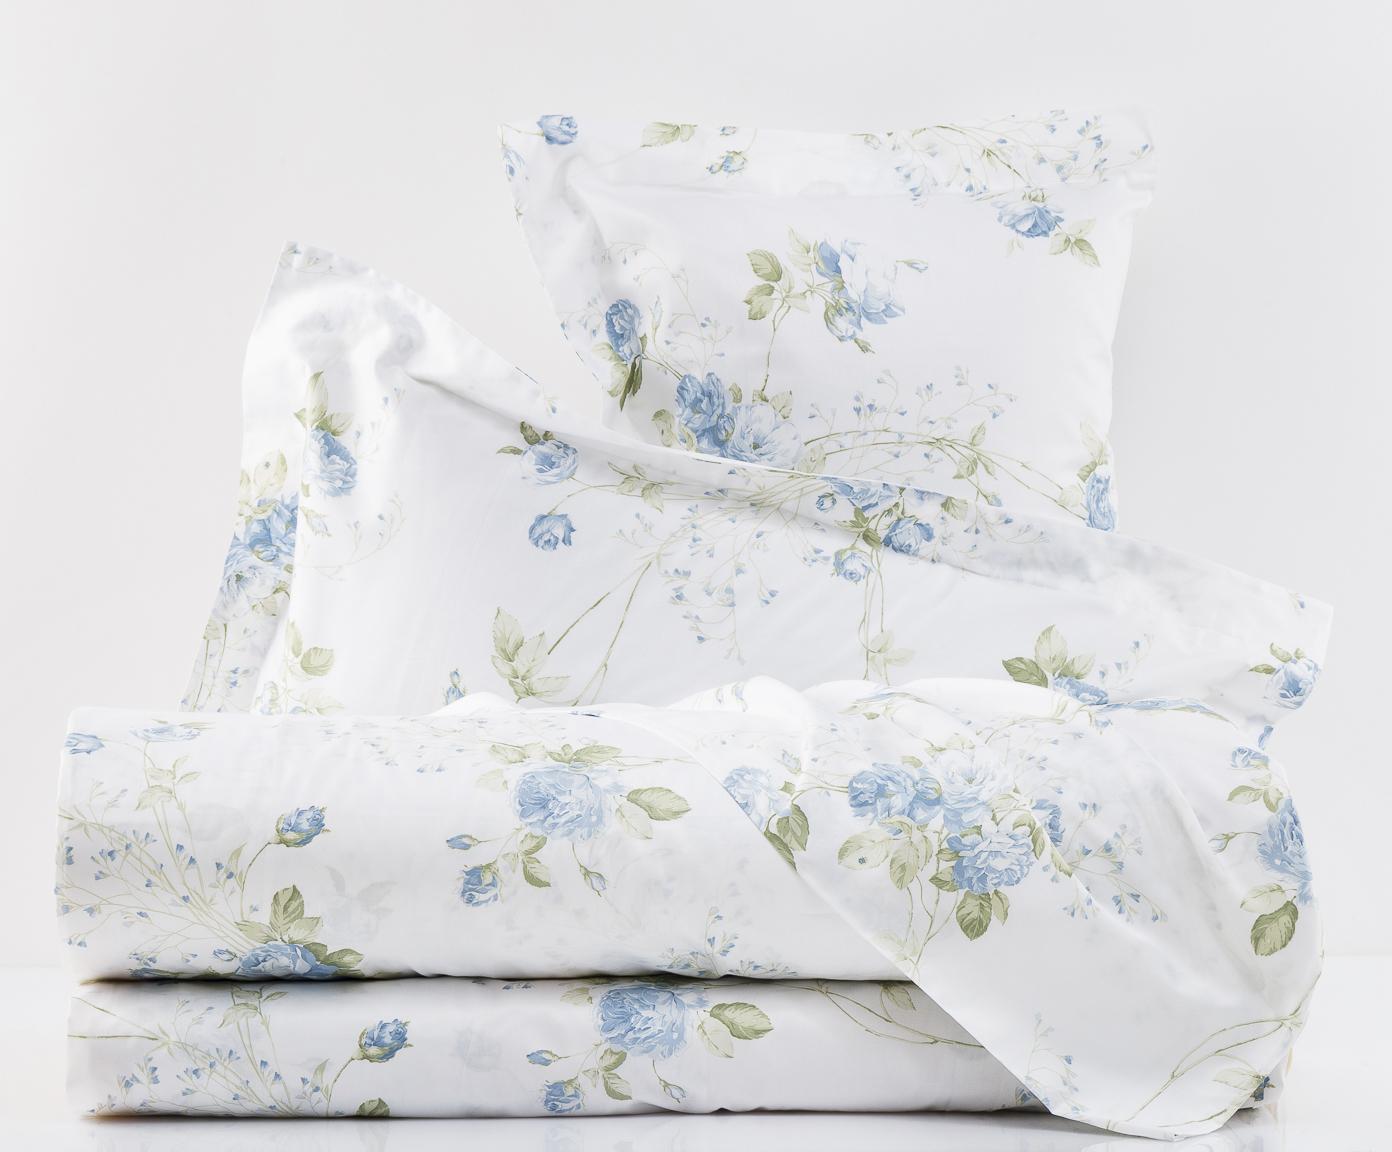 Постельное Постельное белье 2 спальное Mirabello Scented Rose голубое postelnoe-belie-mirabello-scented-rose-goluboe-italiya.jpg